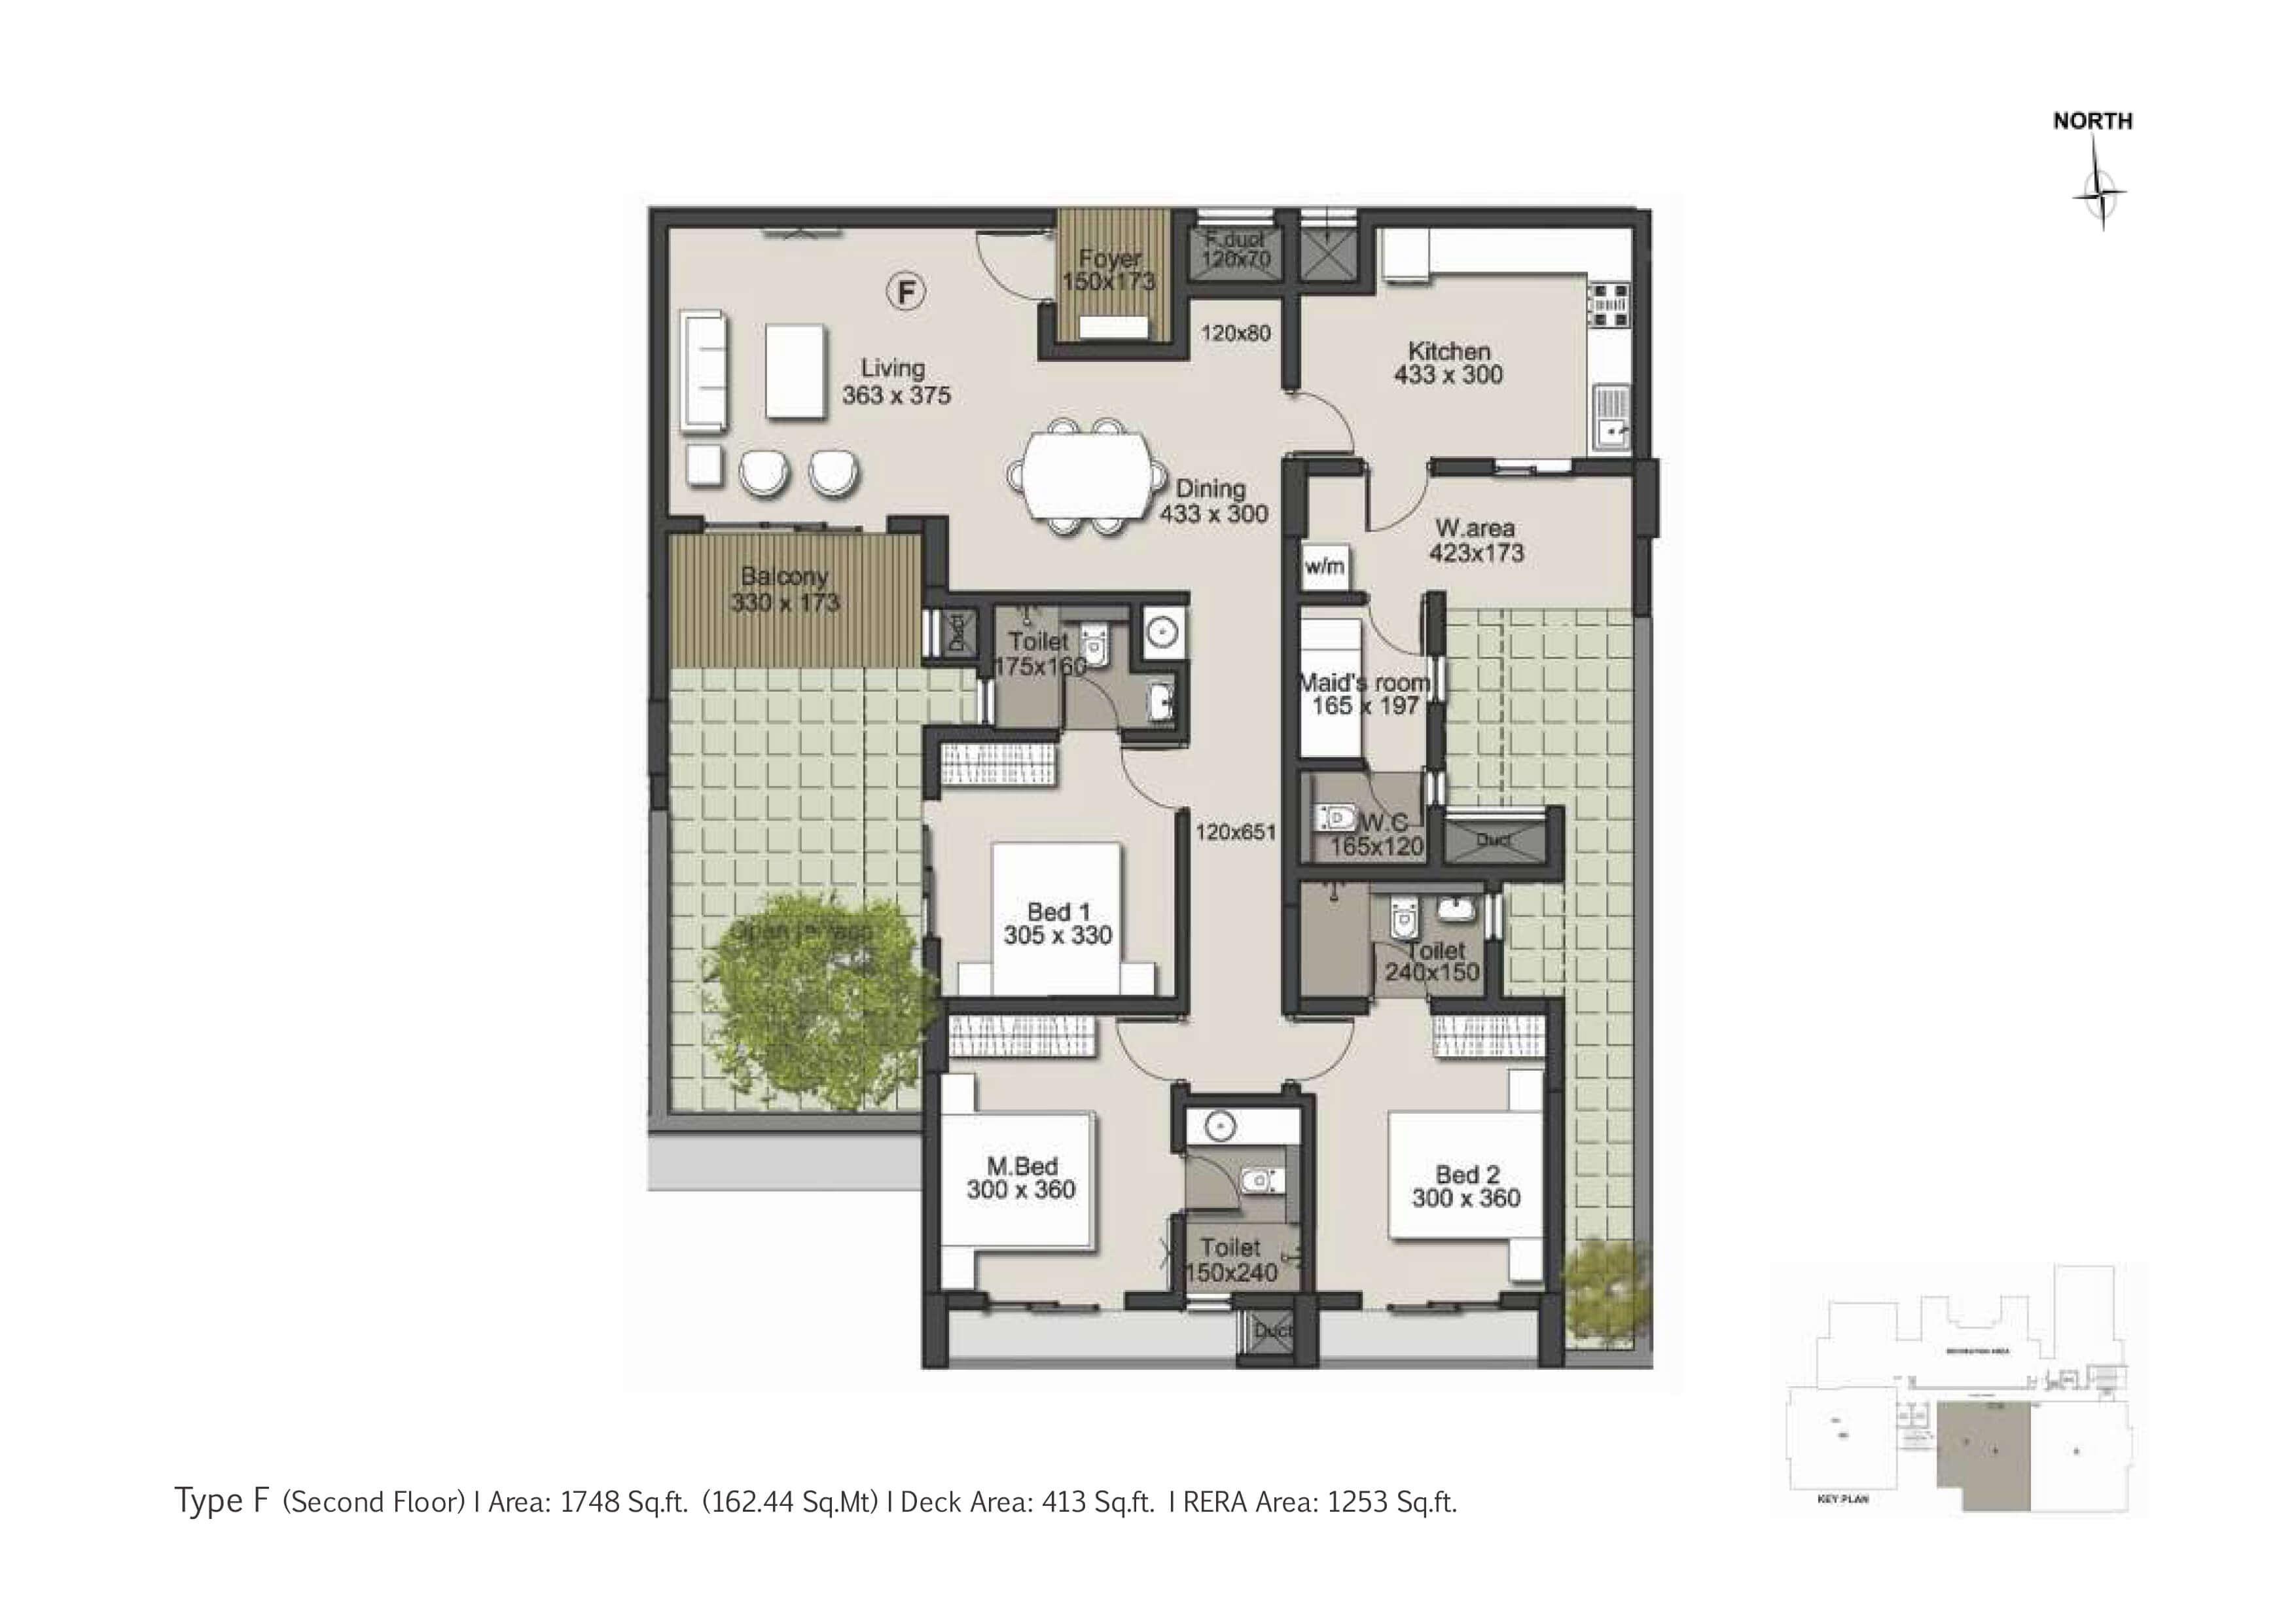 Type F Second Floor Plan